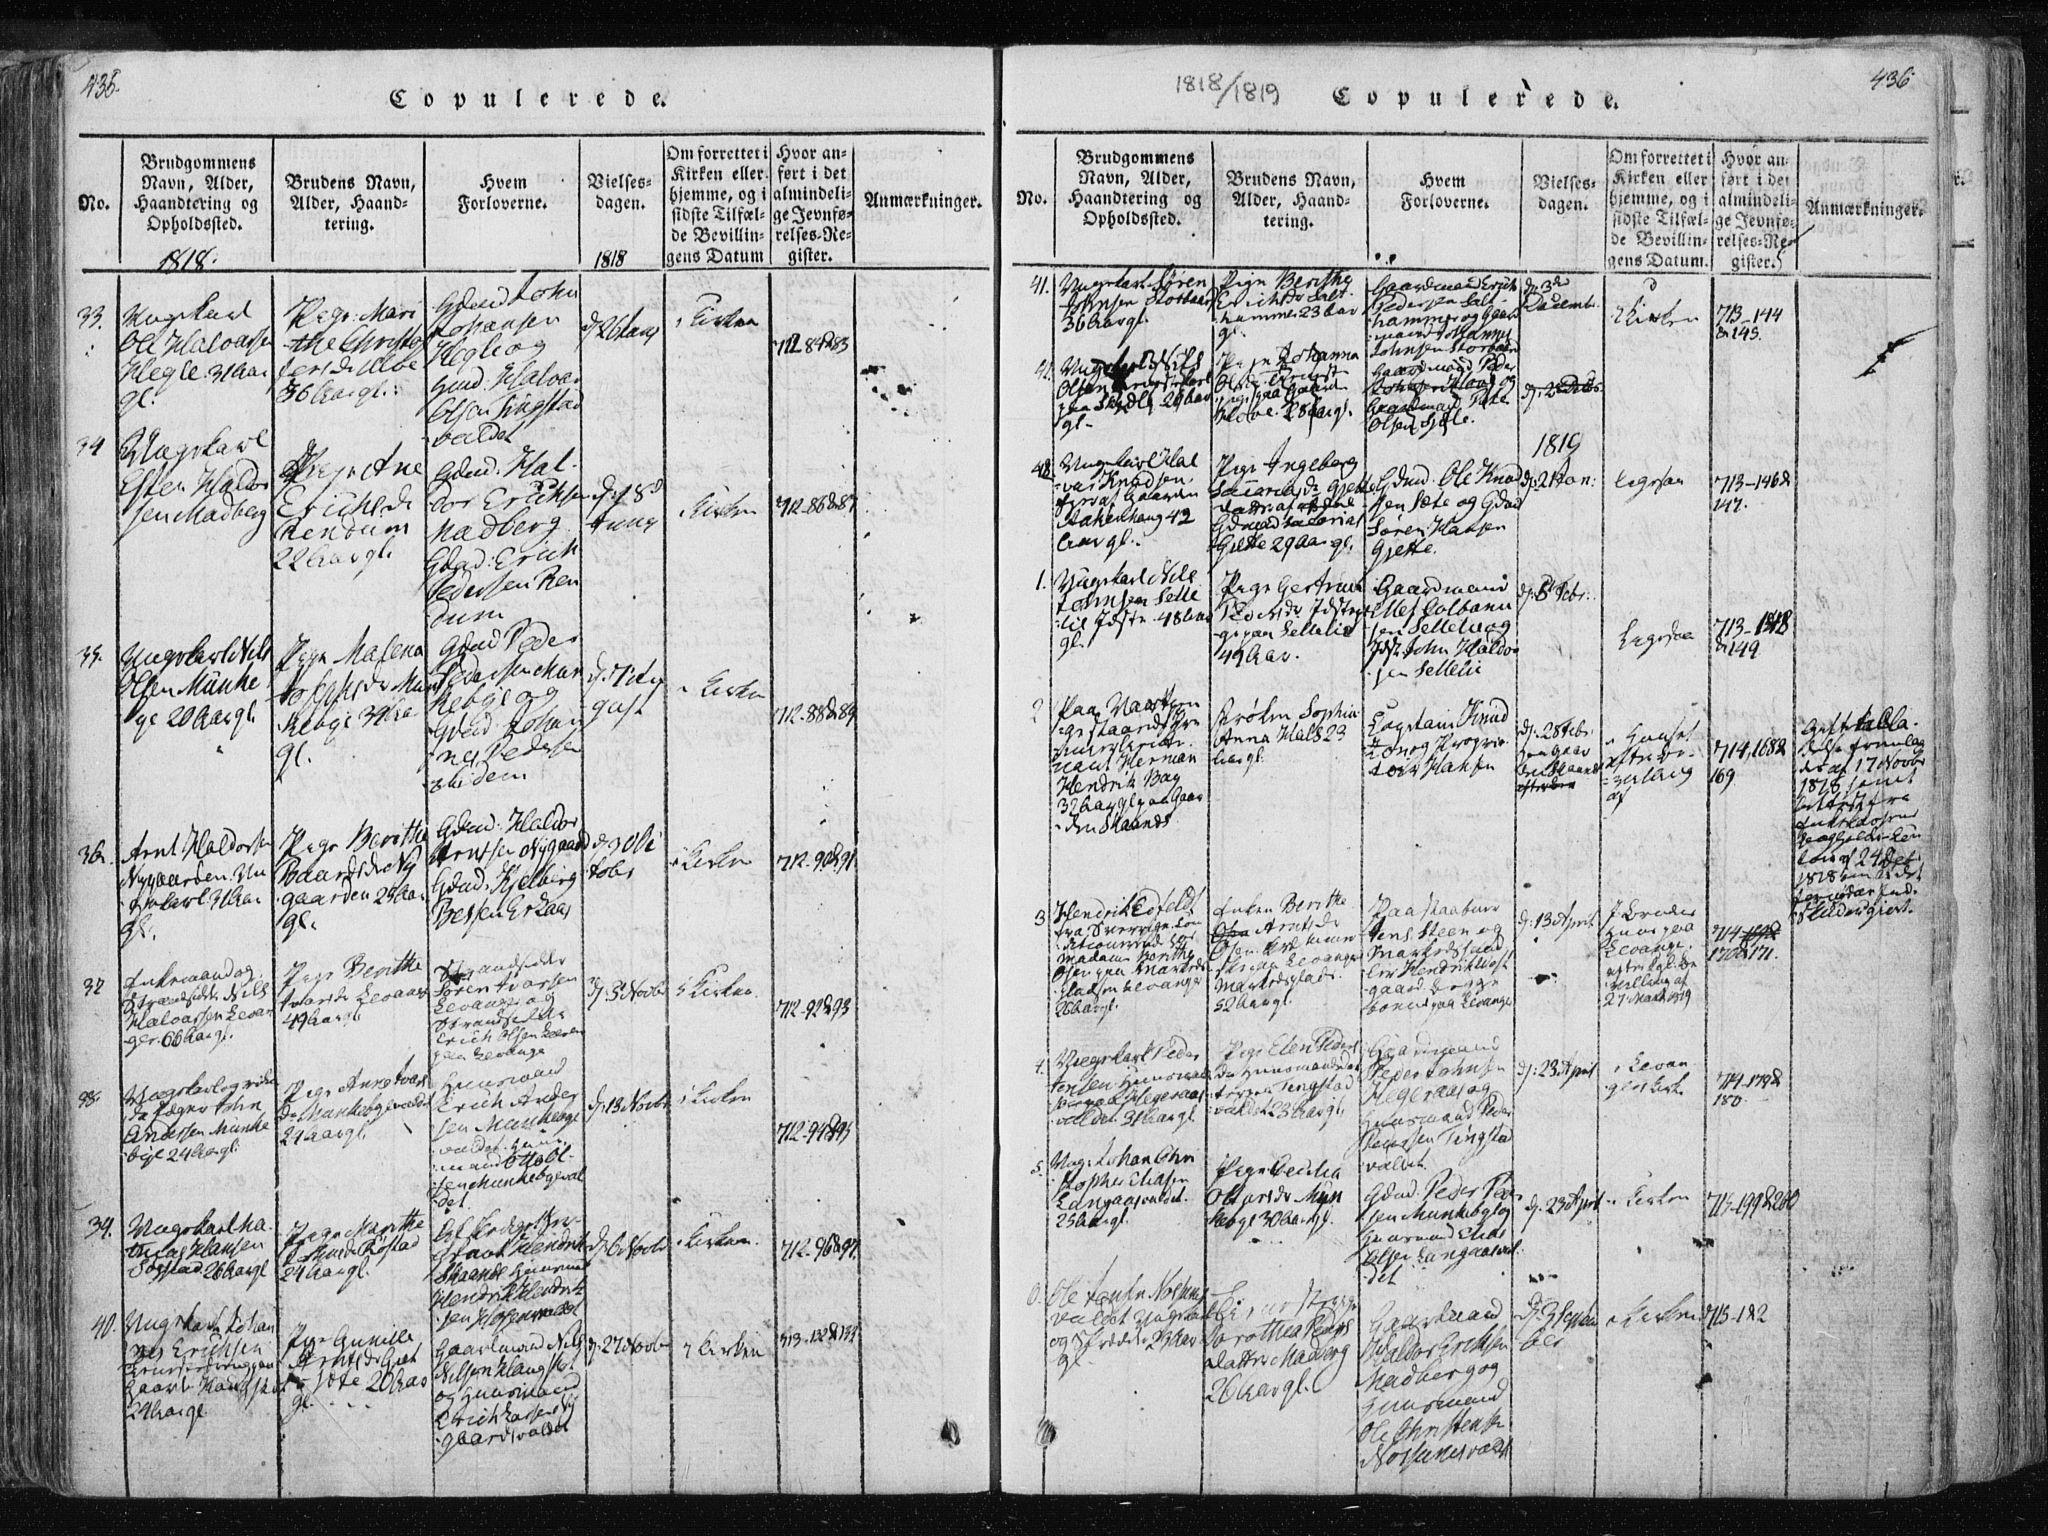 SAT, Ministerialprotokoller, klokkerbøker og fødselsregistre - Nord-Trøndelag, 717/L0148: Ministerialbok nr. 717A04 /2, 1816-1825, s. 435-436